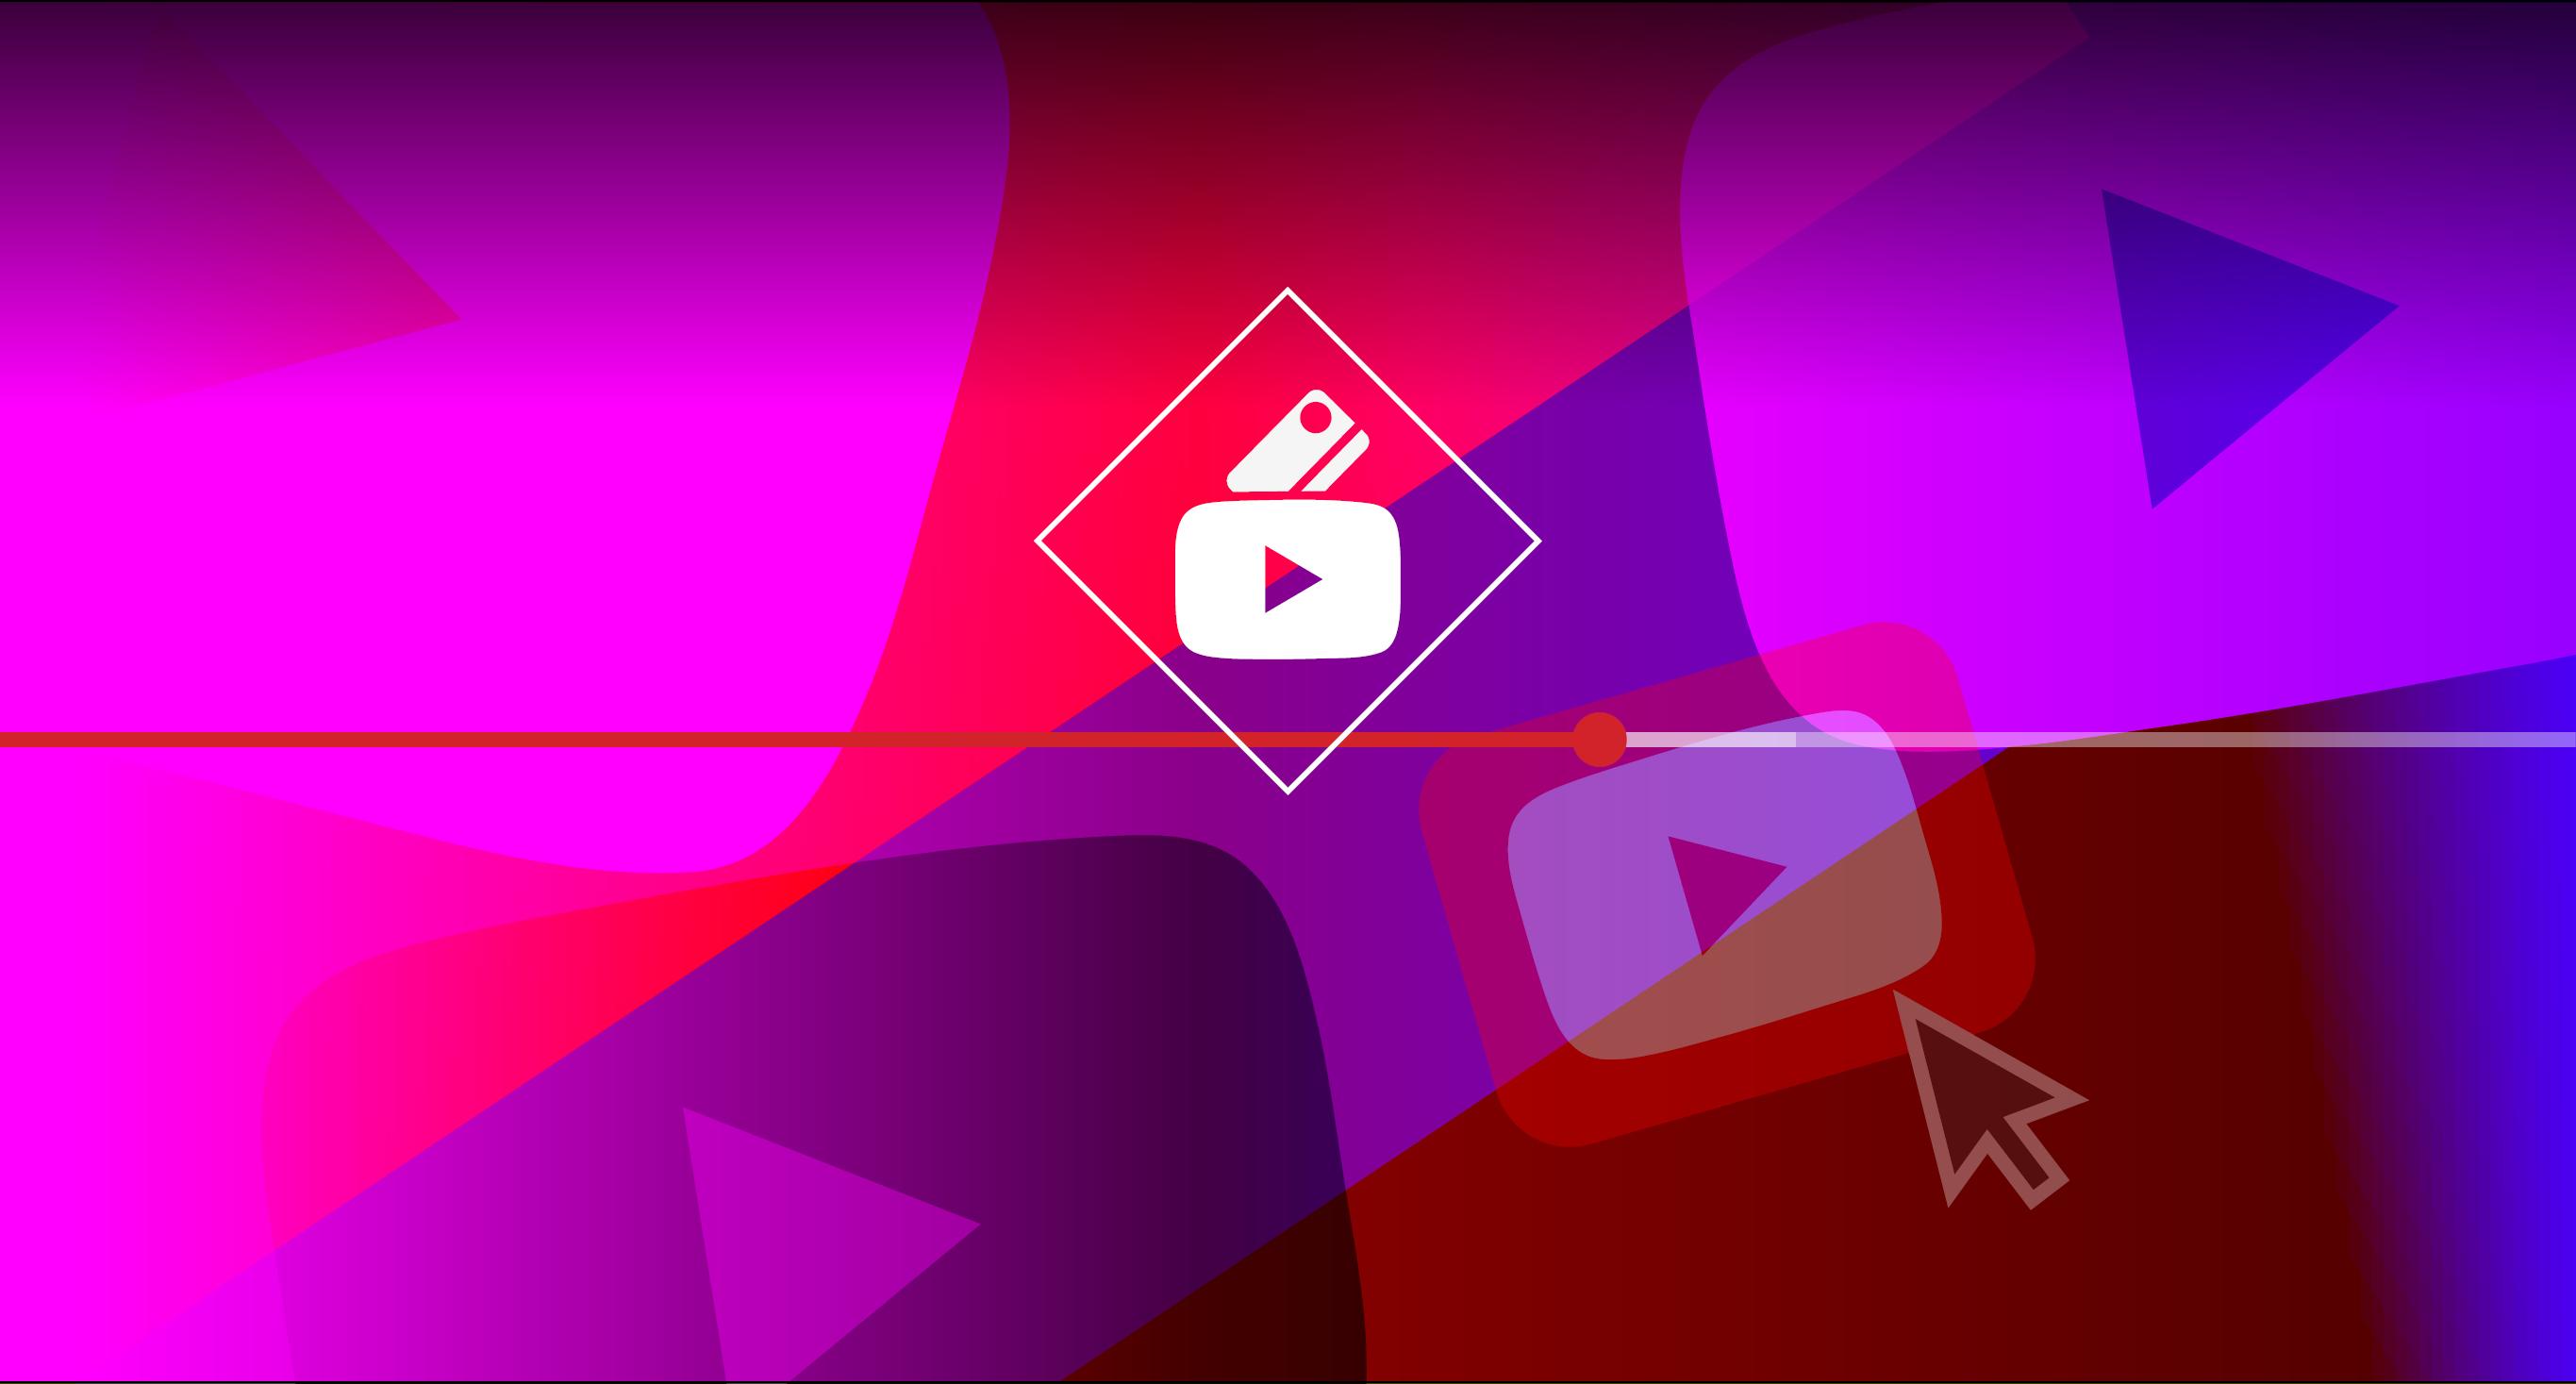 YouTube планирует открыть бесплатный доступ к оригинальному контенту